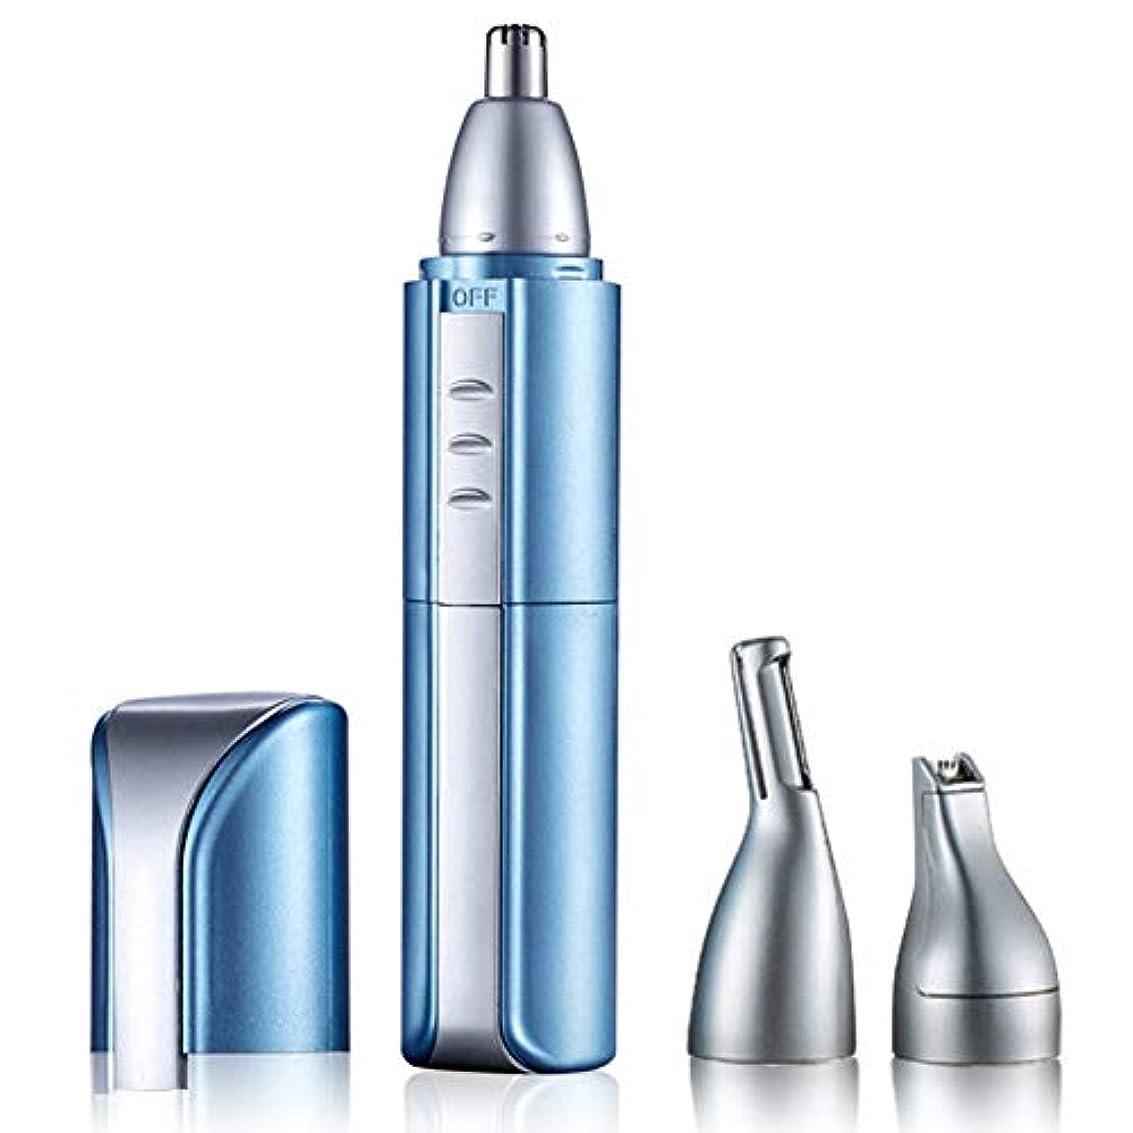 バングハブブ量男性/女性の顔のケア、洗える乾いた乾いた二重使用のための鼻のヘアトリマー3-in-1鼻の耳と眉毛のヘアトリマー(USB充電式)